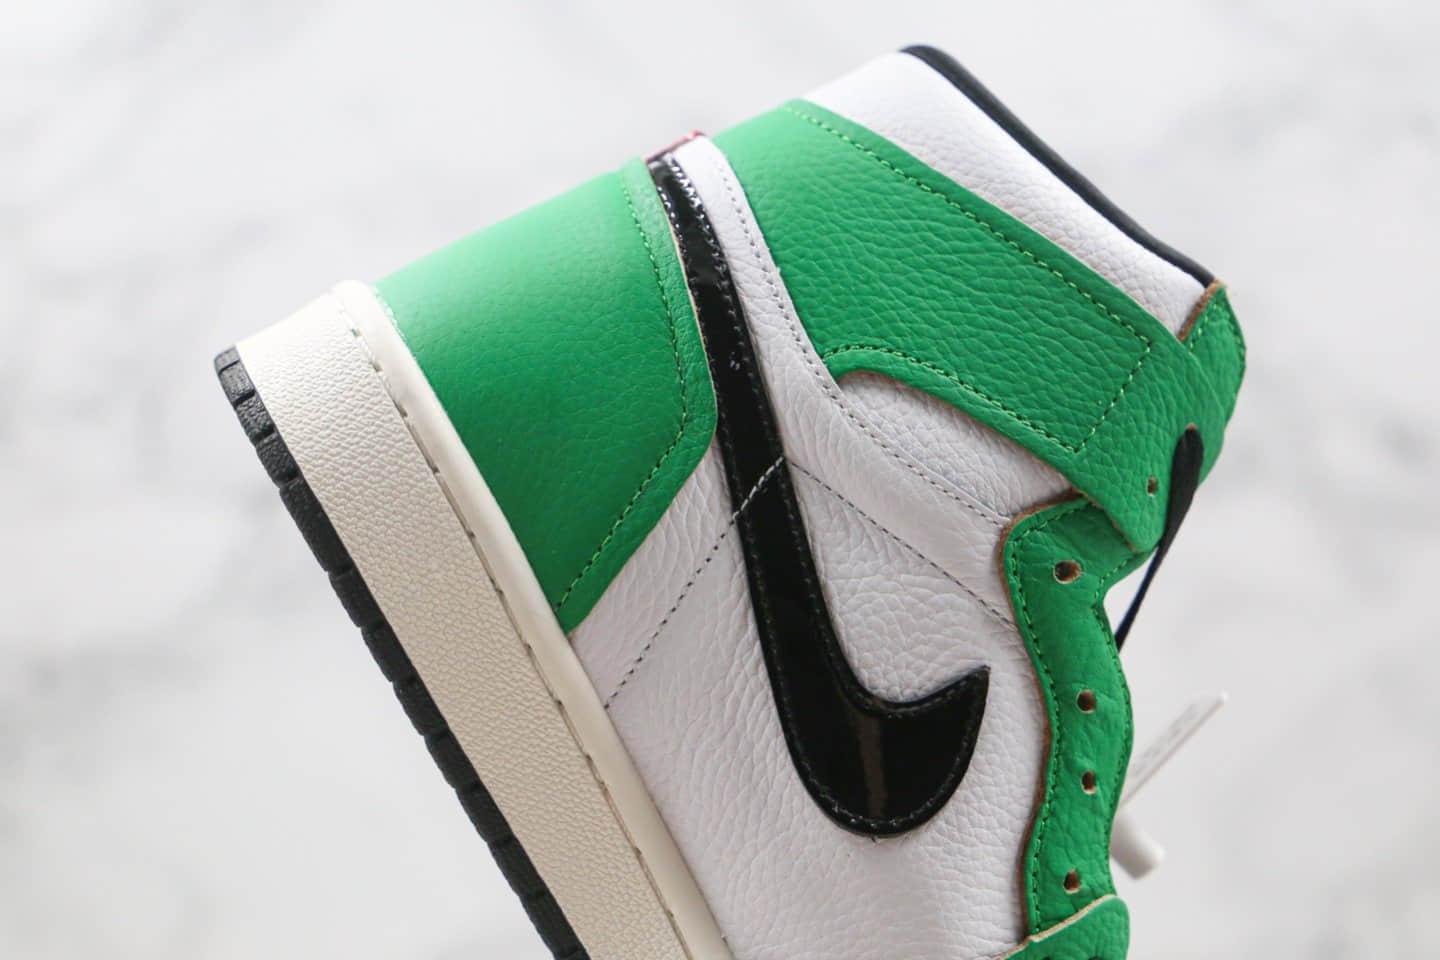 乔丹Air Jordan 1 High OG WMNS Lucky Green纯原版本高帮AJ1凯尔特人白绿色篮球鞋正确后跟定型 货号:DB4612-300